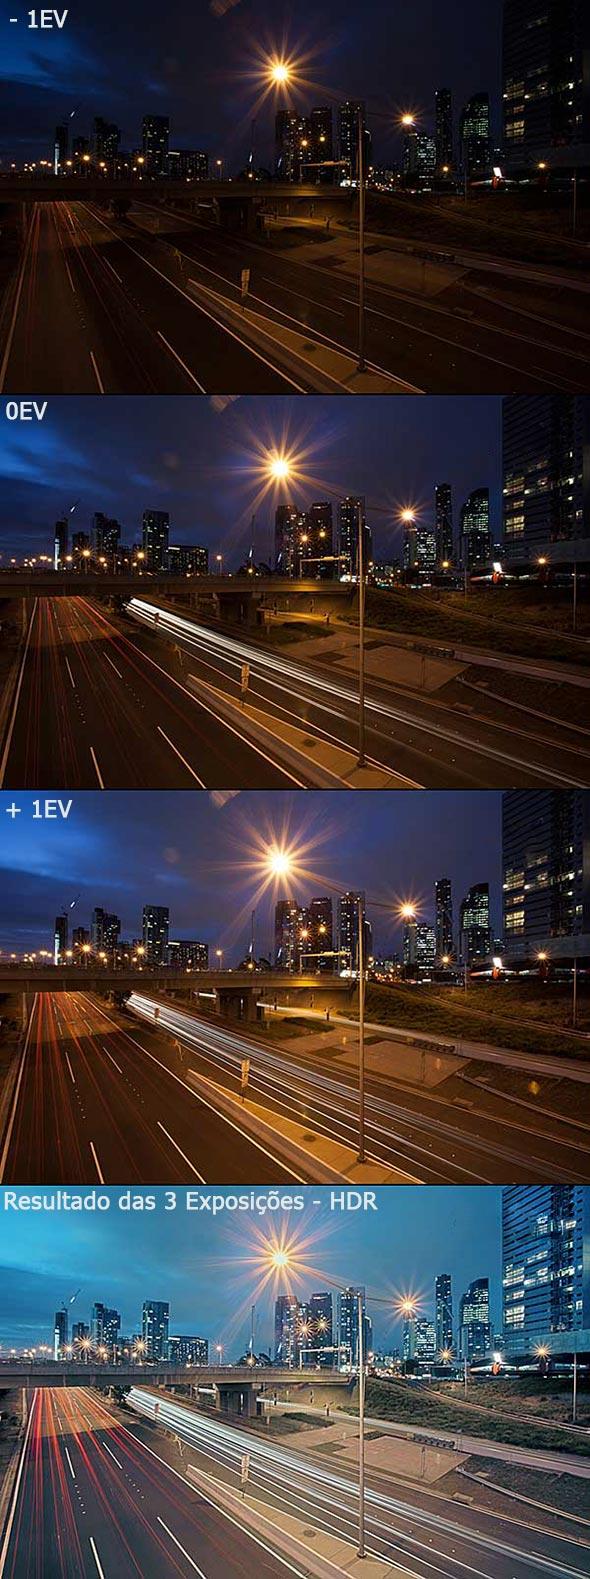 HDRBotaoQ O Botão Q – O Que Todo Fotógrafo Com Uma Canon DSLR Precisa Saber